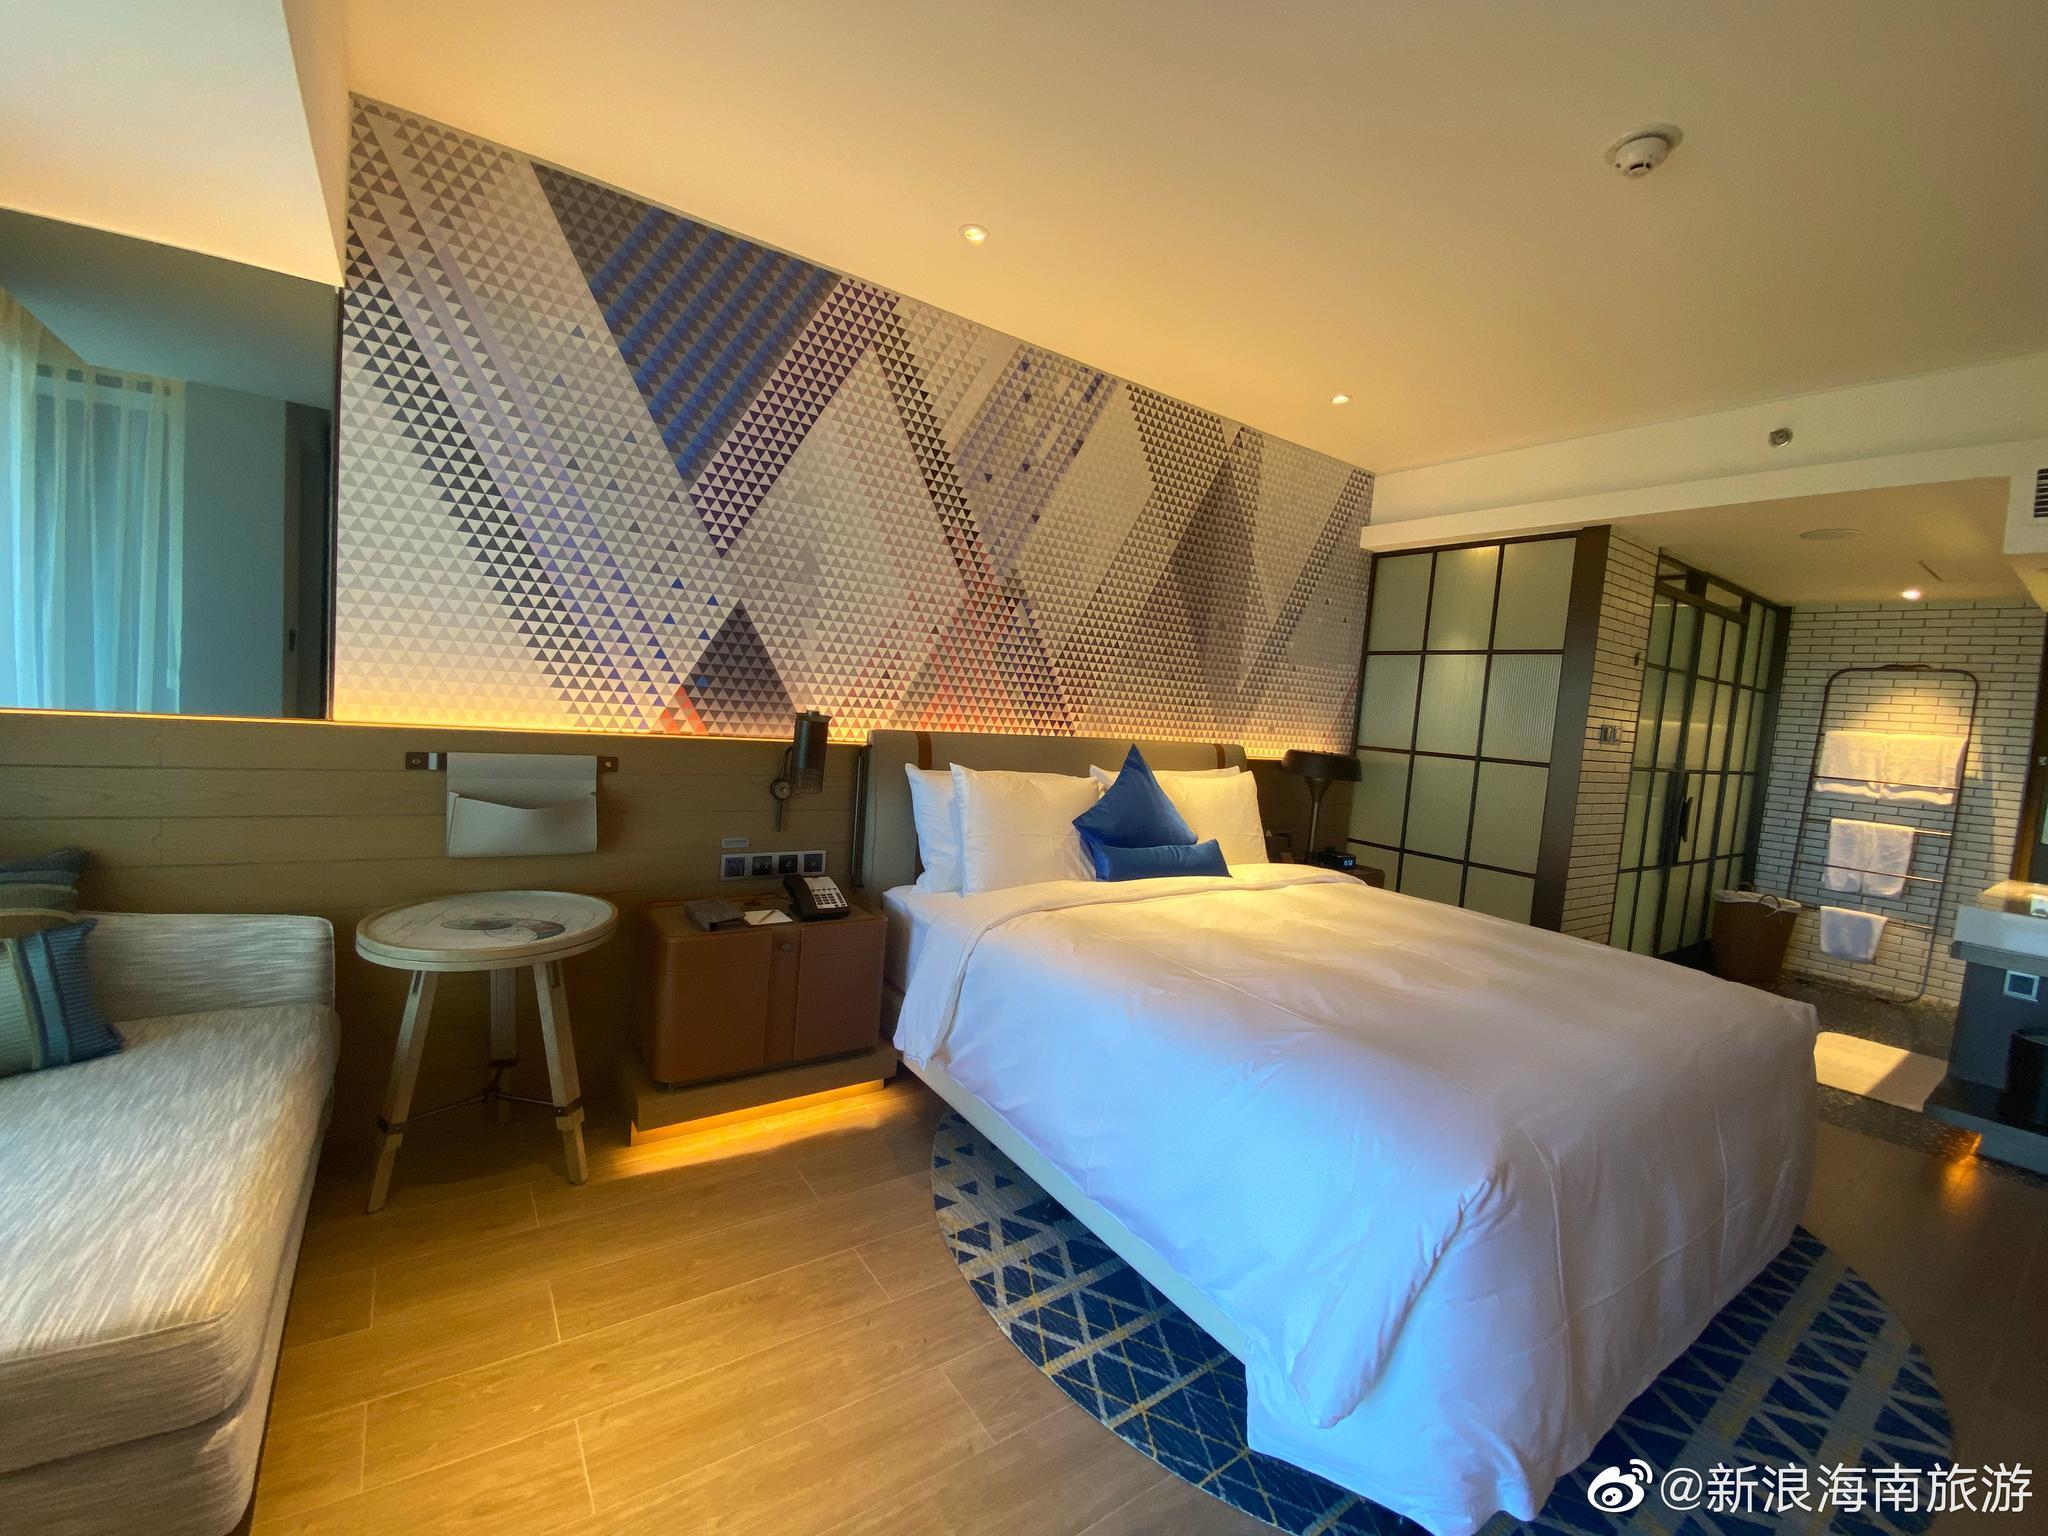 海南富力湾英迪格酒店是一个极具创意设计的酒店